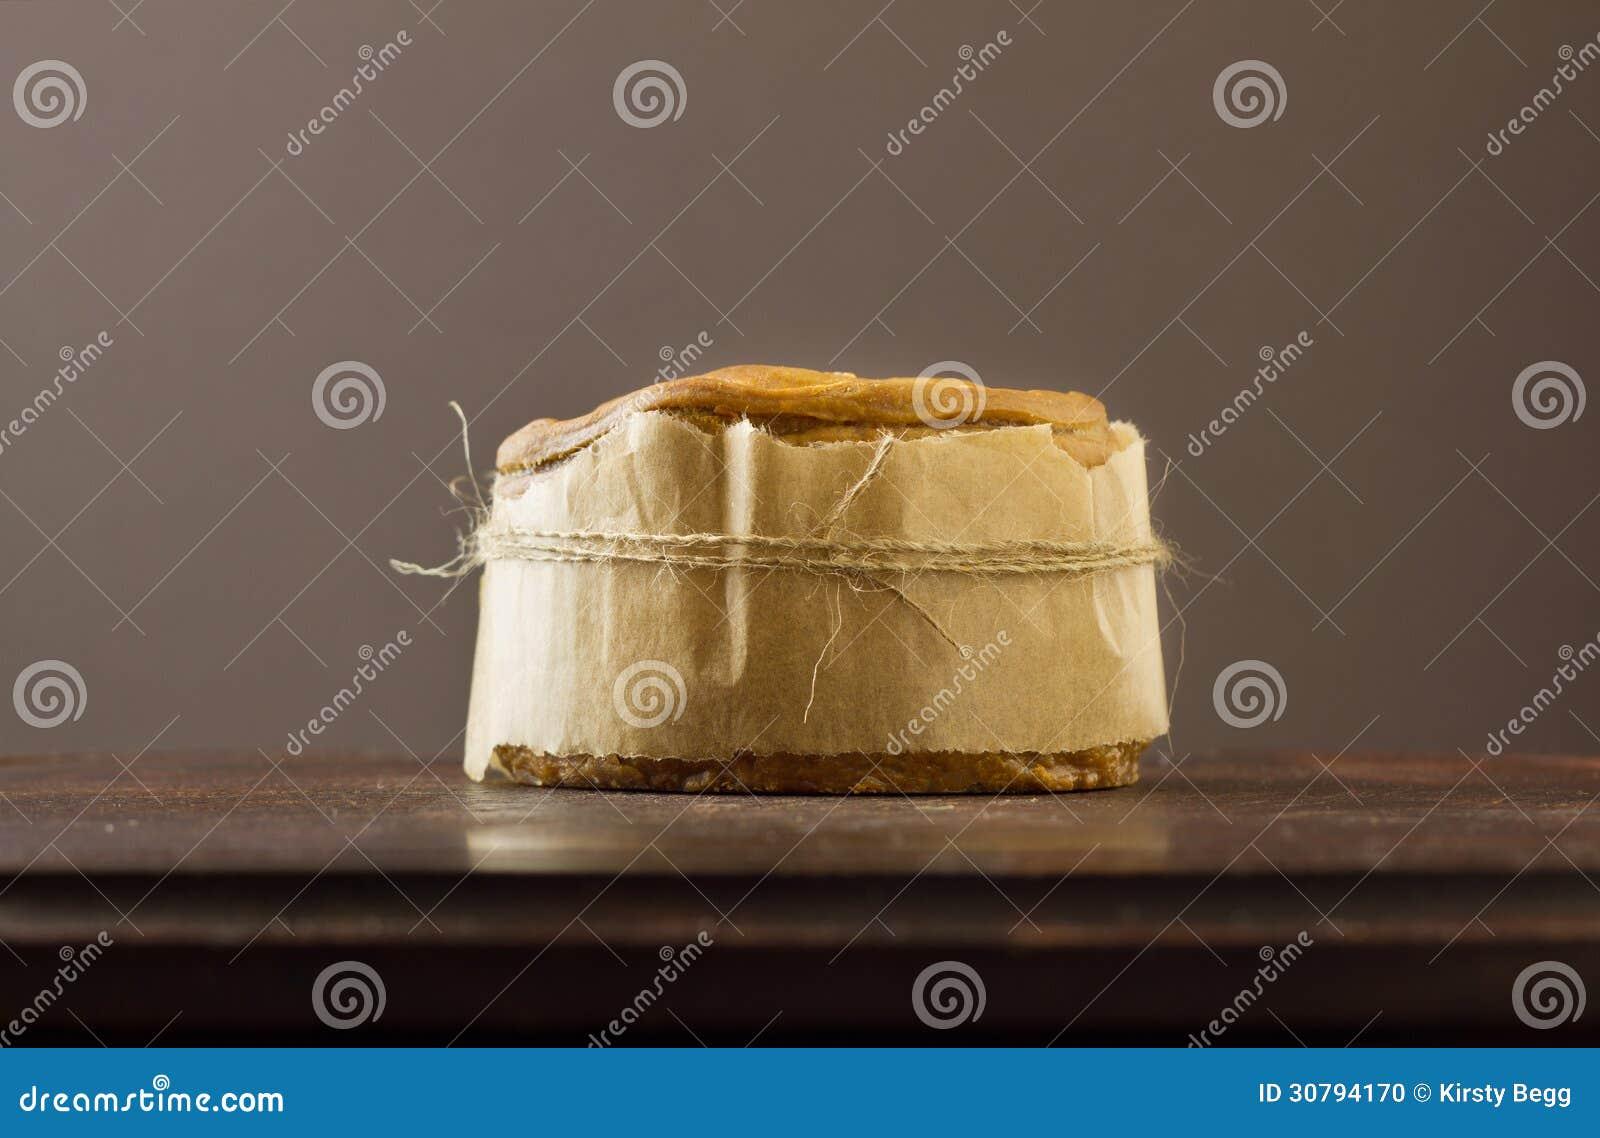 How to Make Melton Mowbray Pork Pie picture